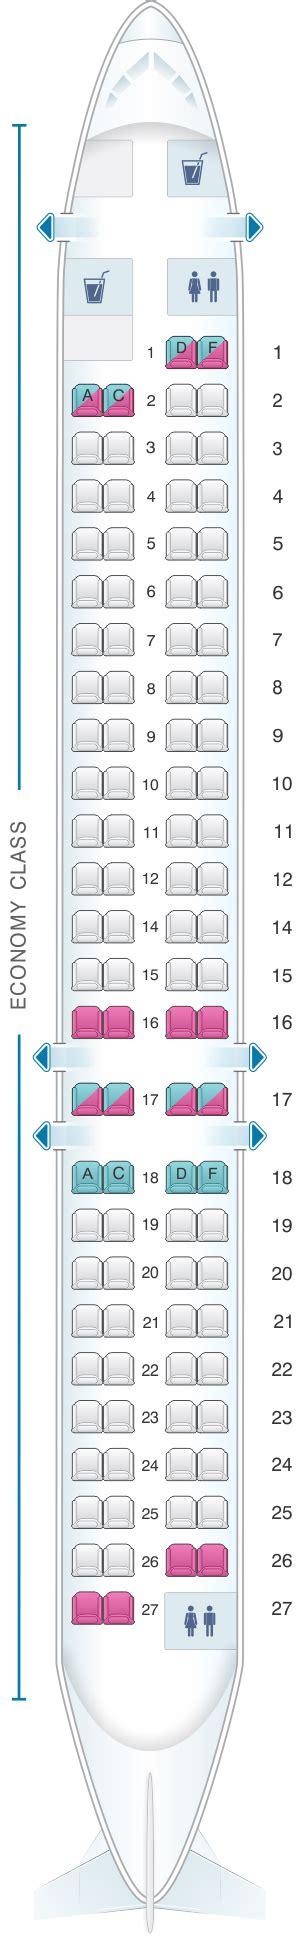 Business plan d un hotel pdf